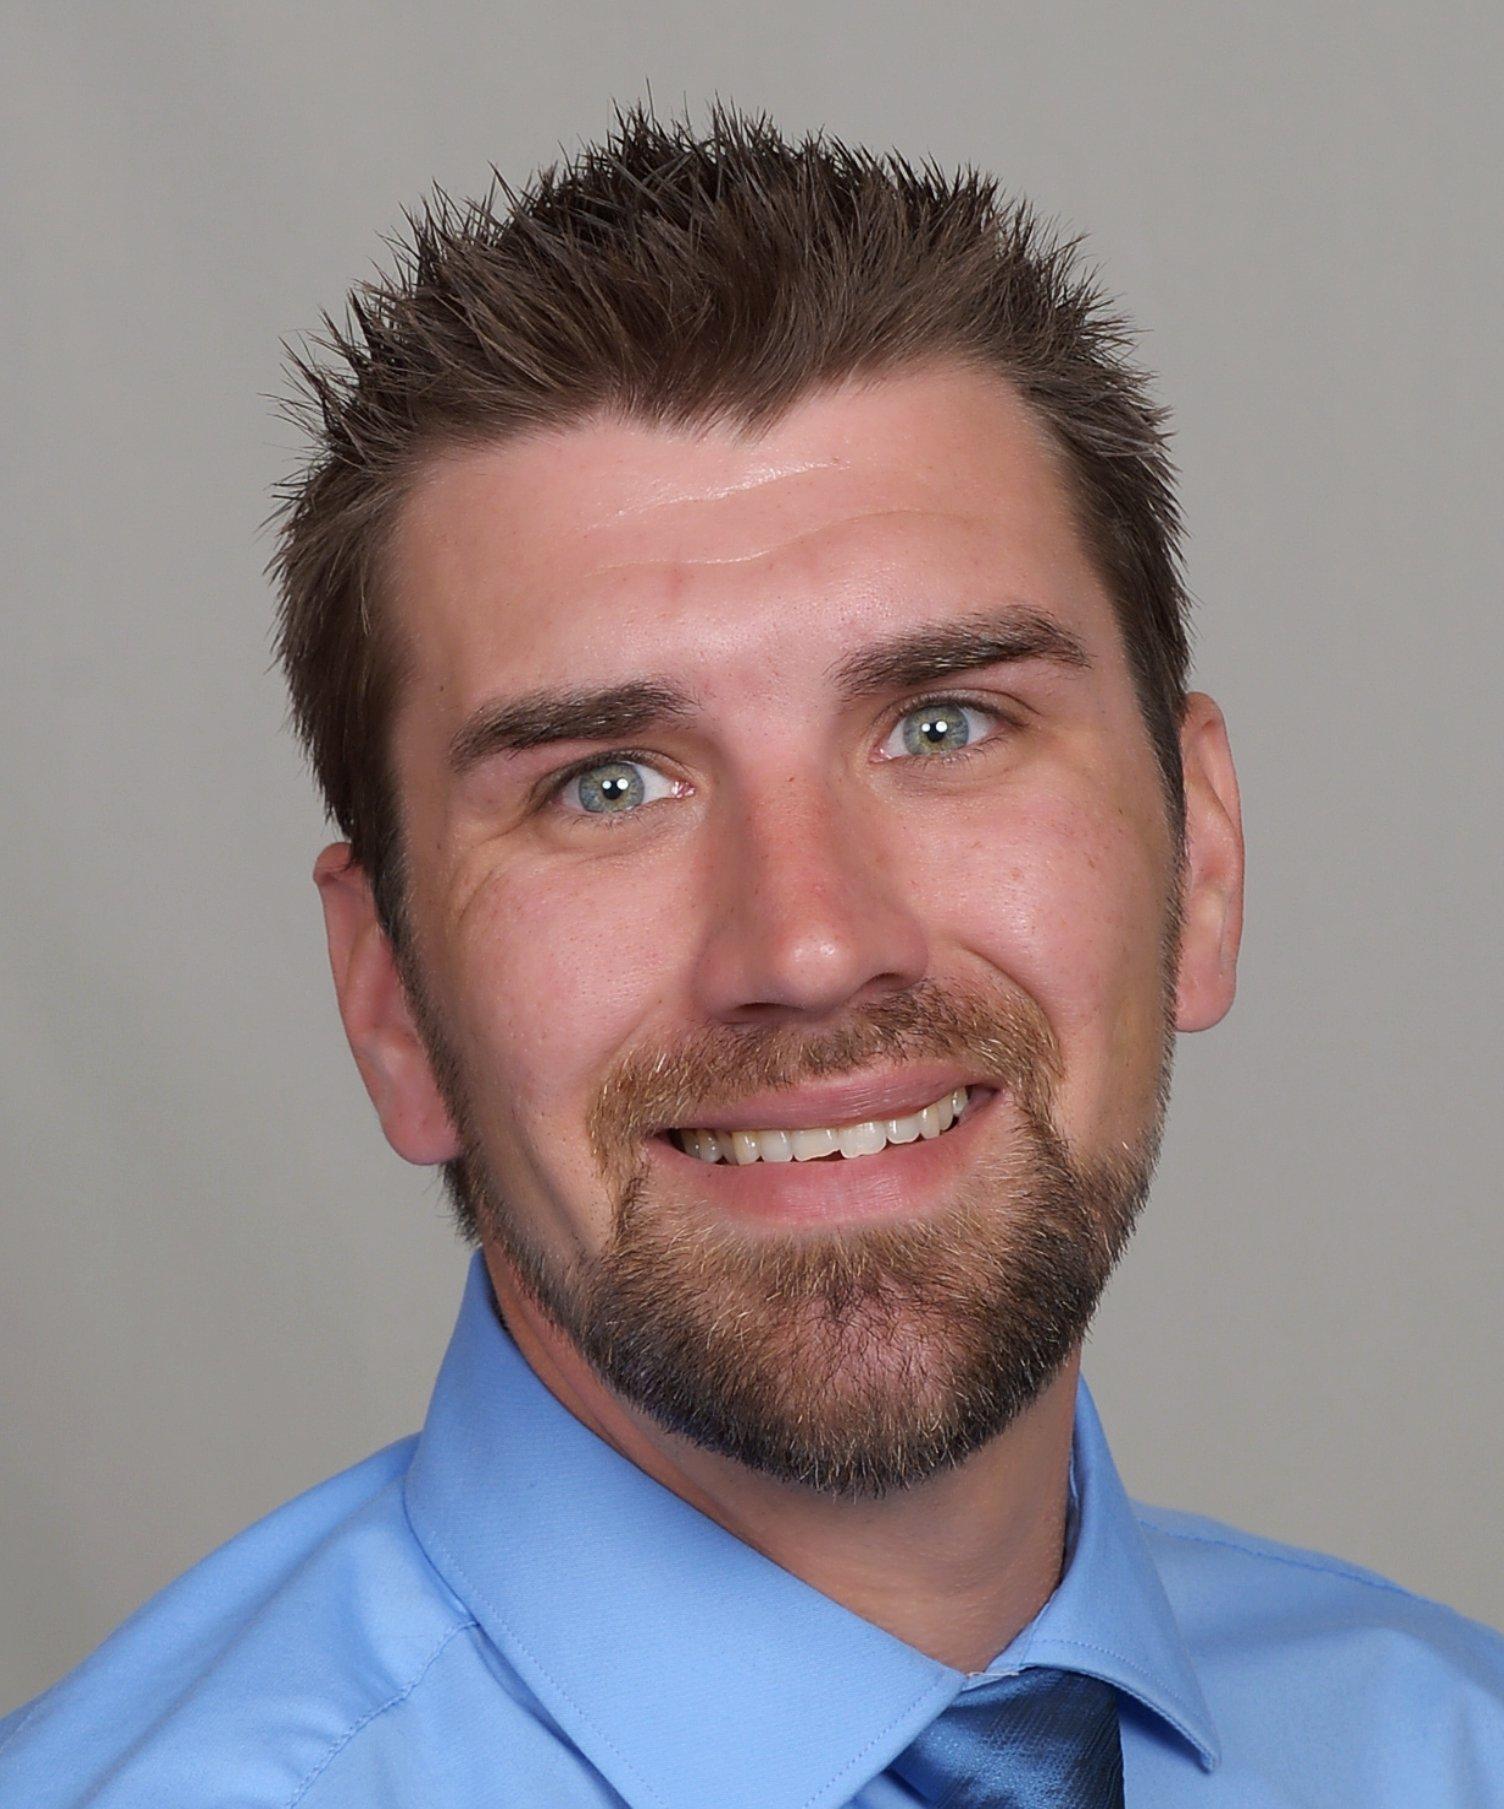 Jared Morlan - Sales Professional